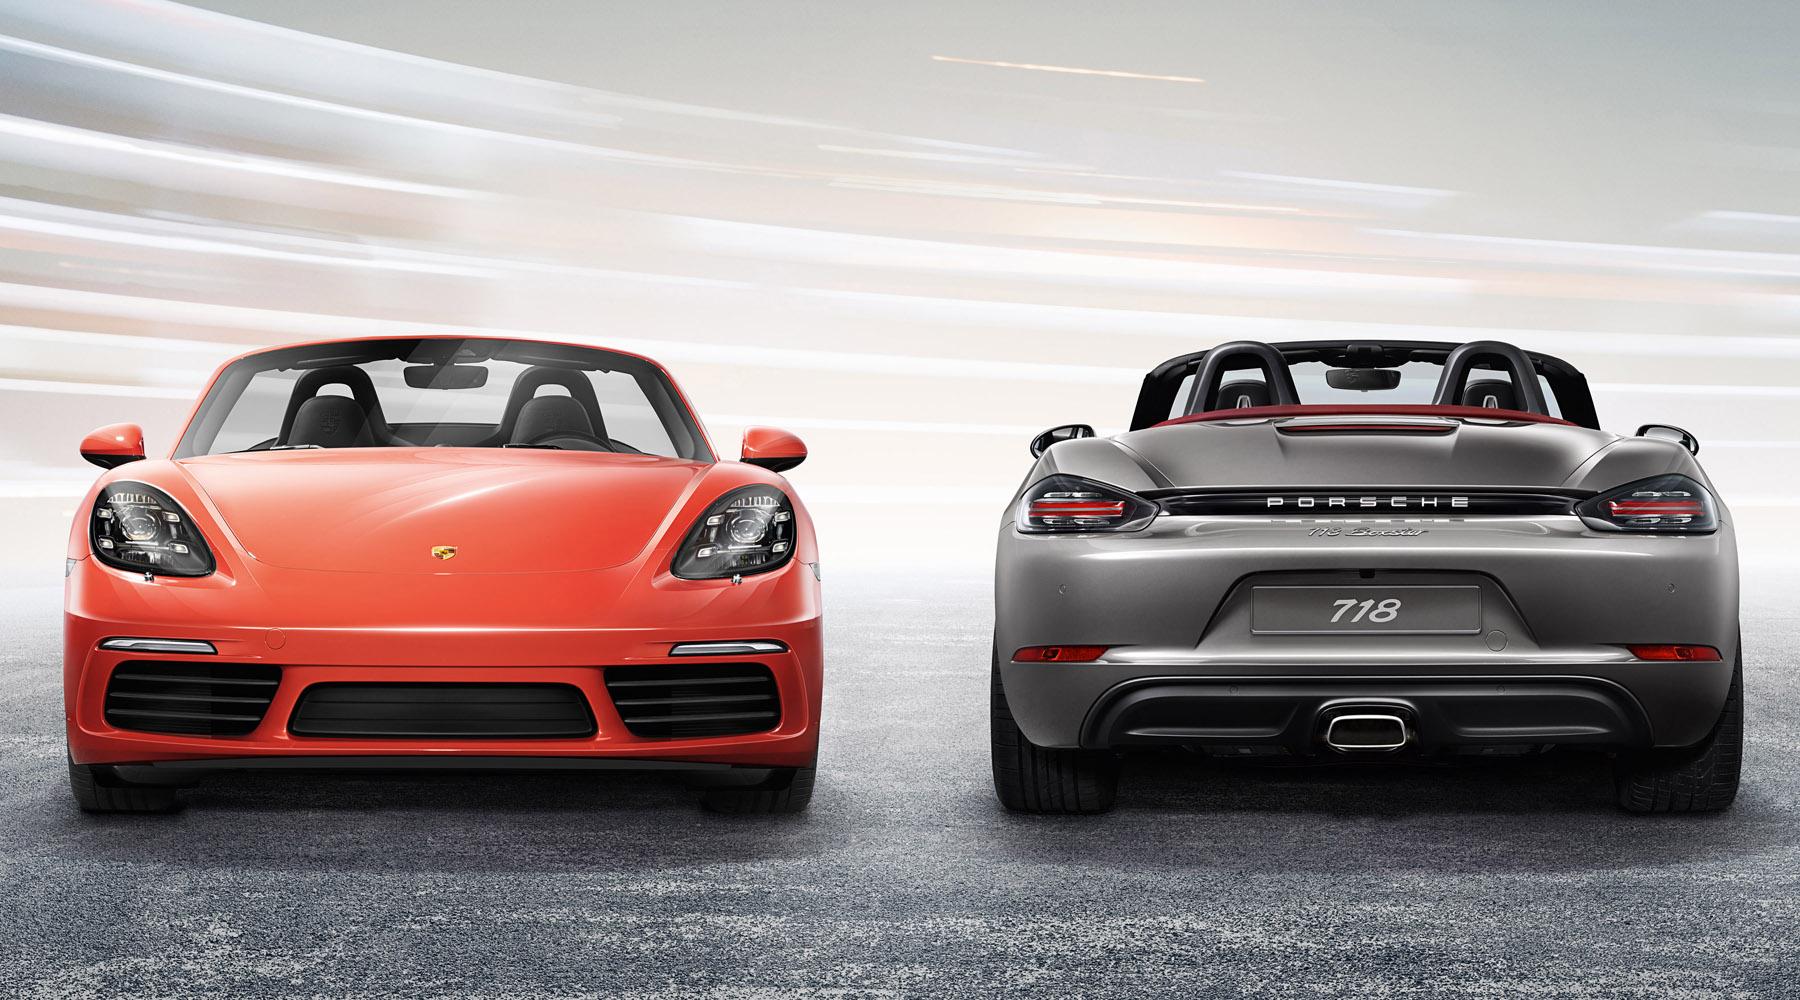 Porsche 718 Boxster & Boxster S